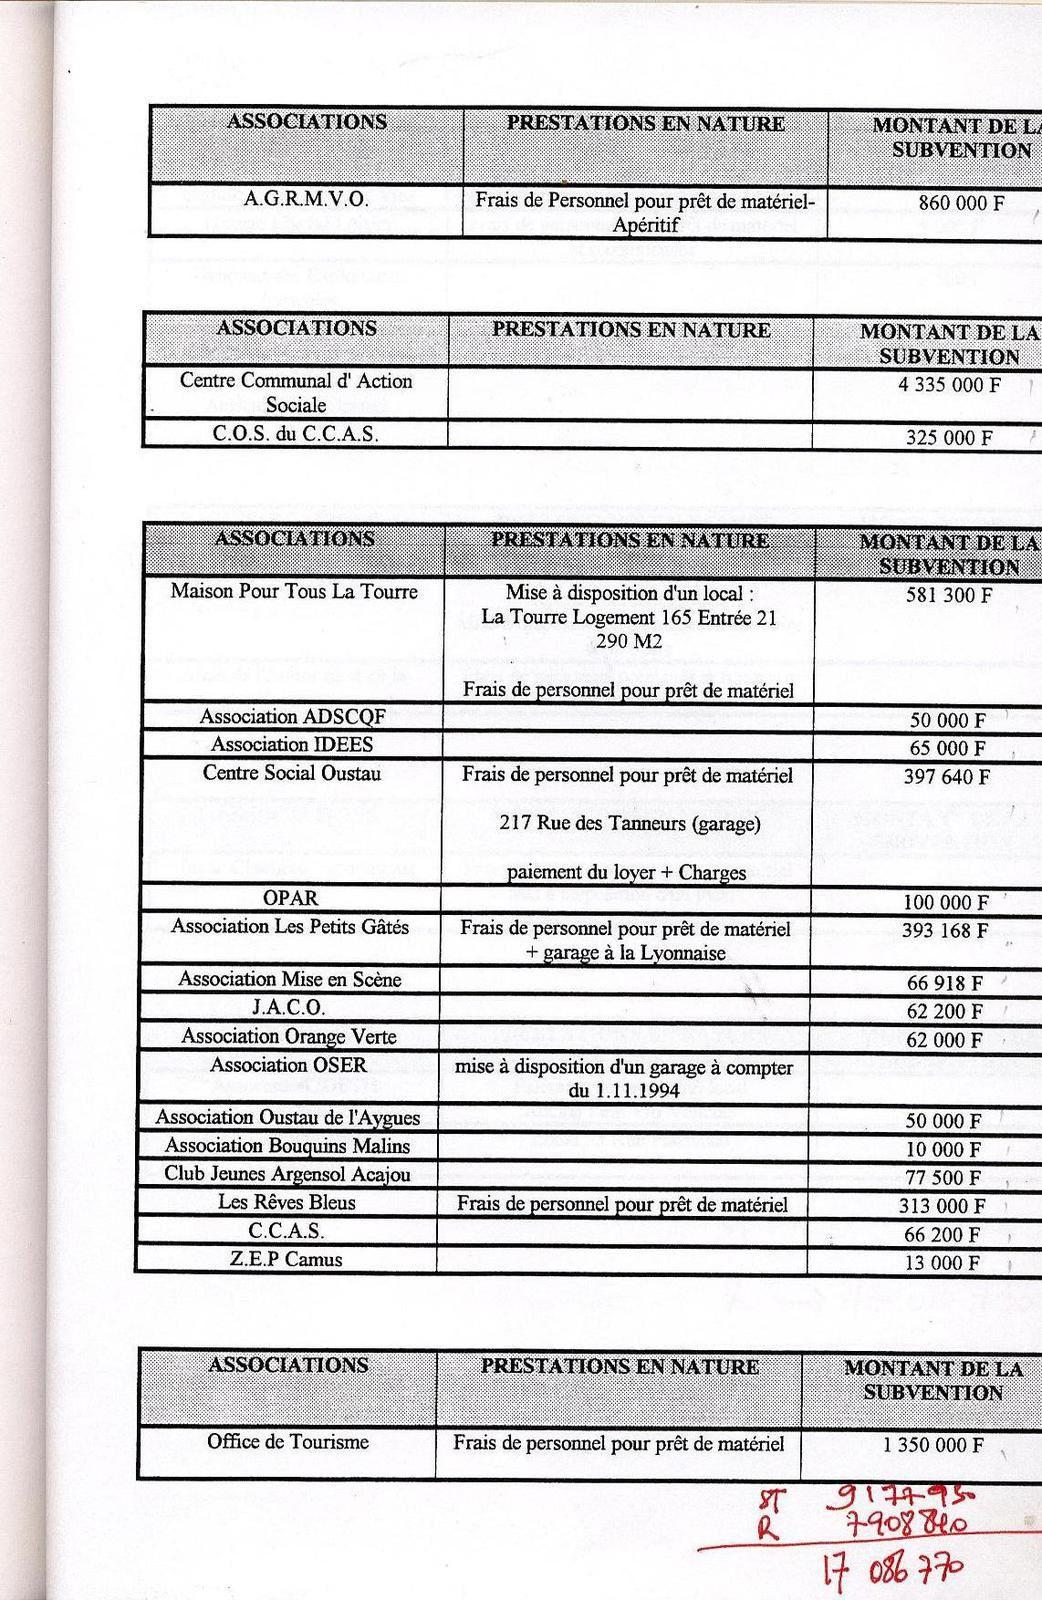 Subventions et aides aux associations en 1995.